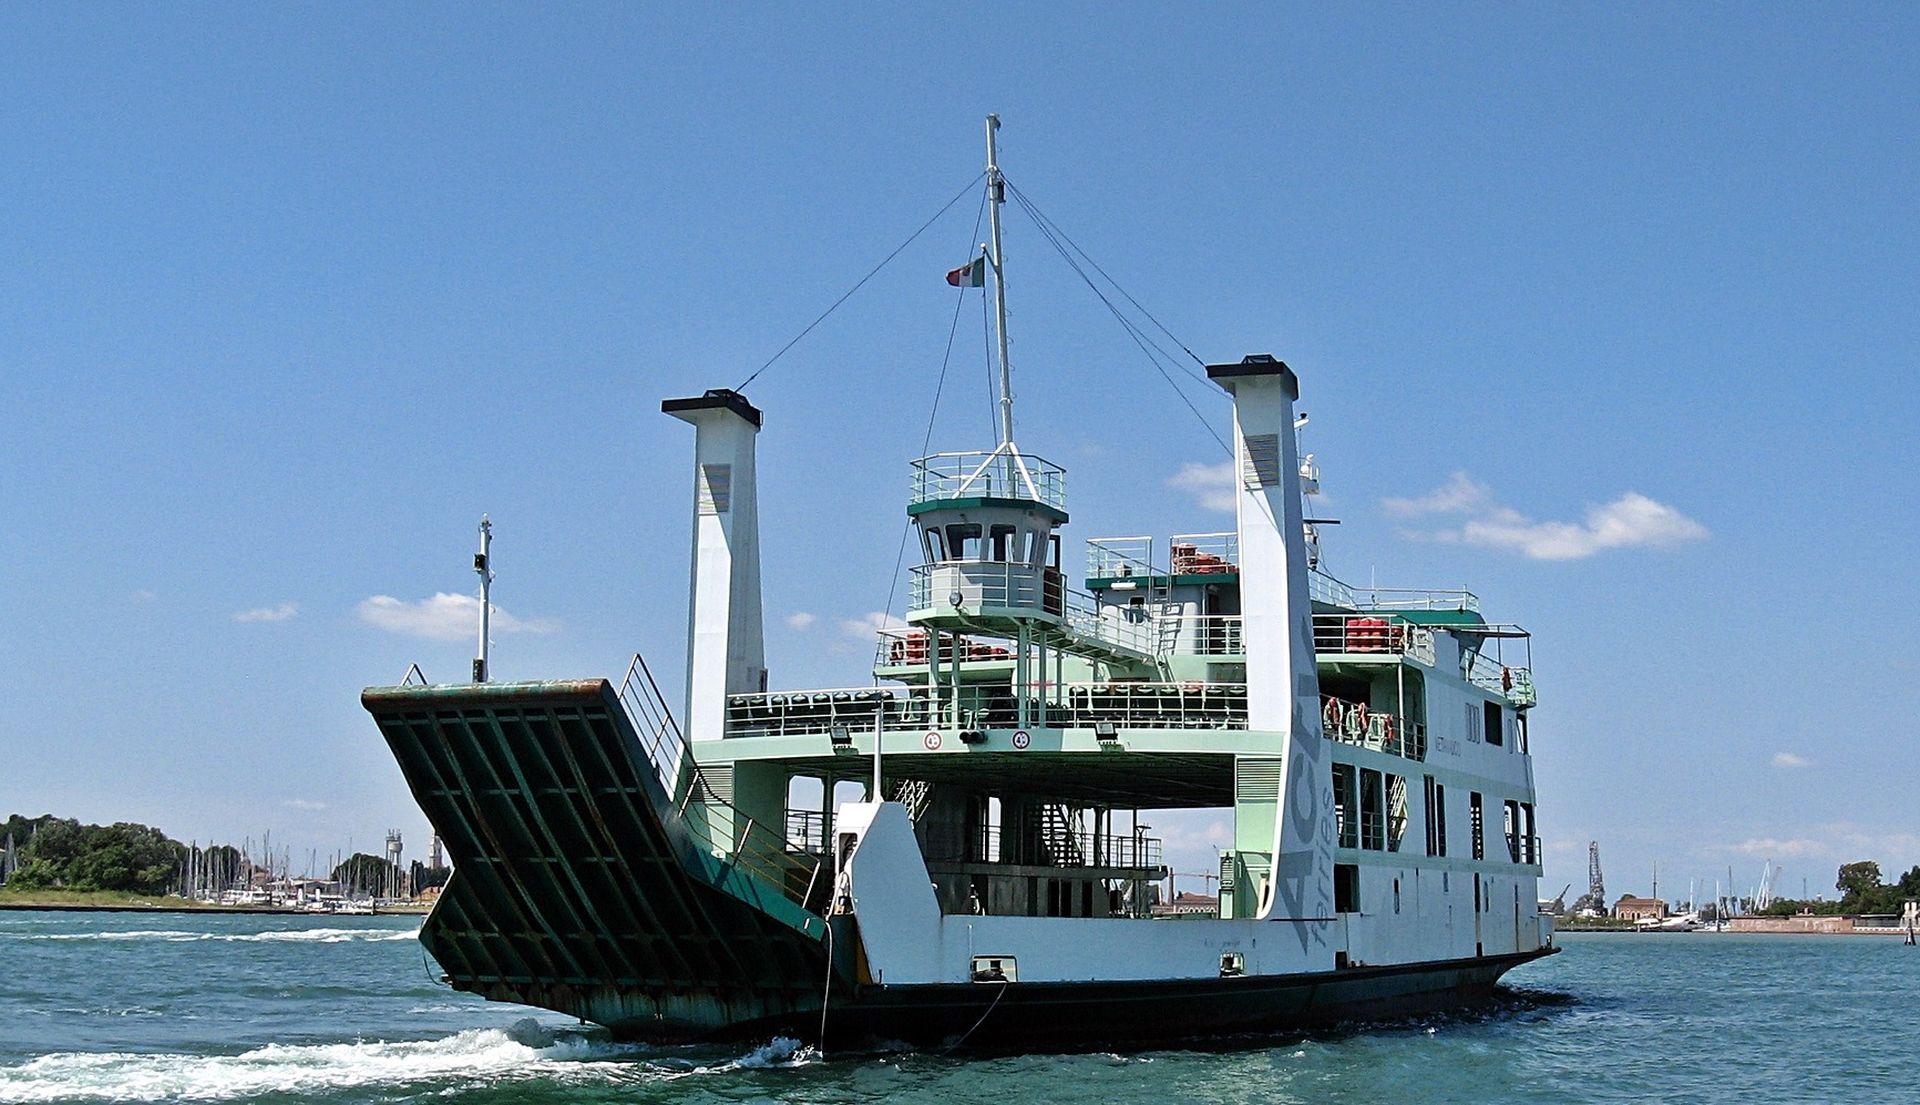 HAK: Od danas izvansezonski red plovidbe, nesreća kod Novske